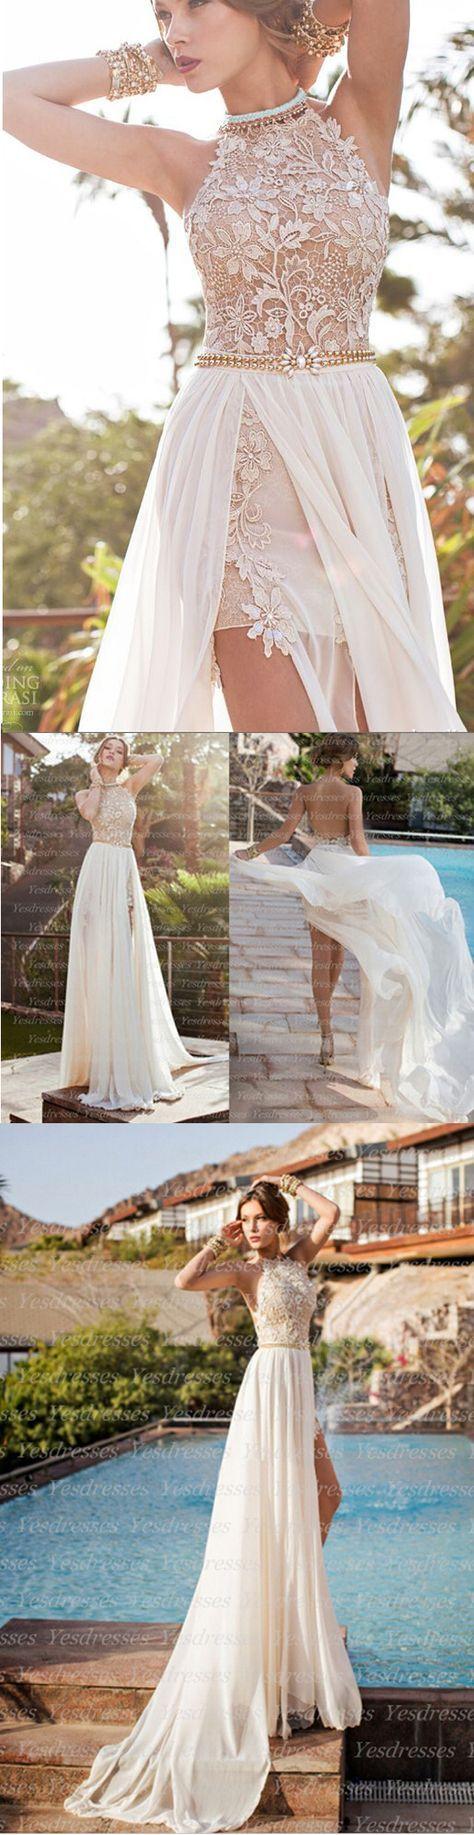 Prom Dress? Das ist das perfekte Hochzeitskleid! | gowns | Pinterest ...